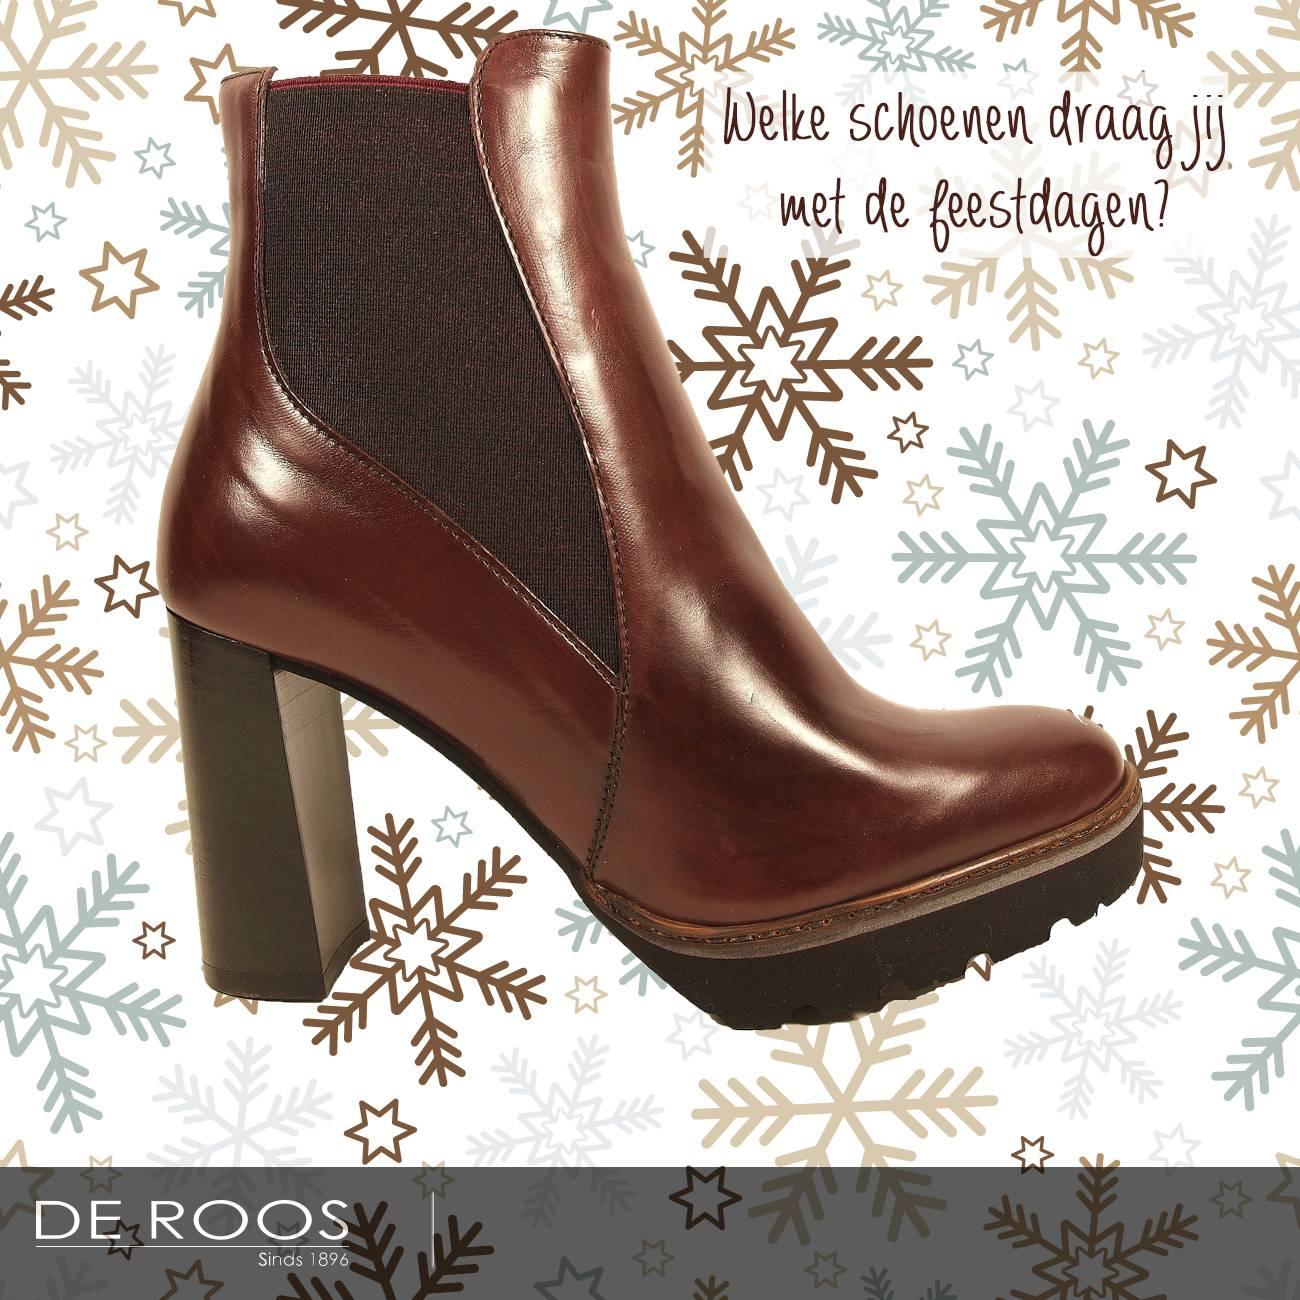 Koopzondagen bij De Roos!